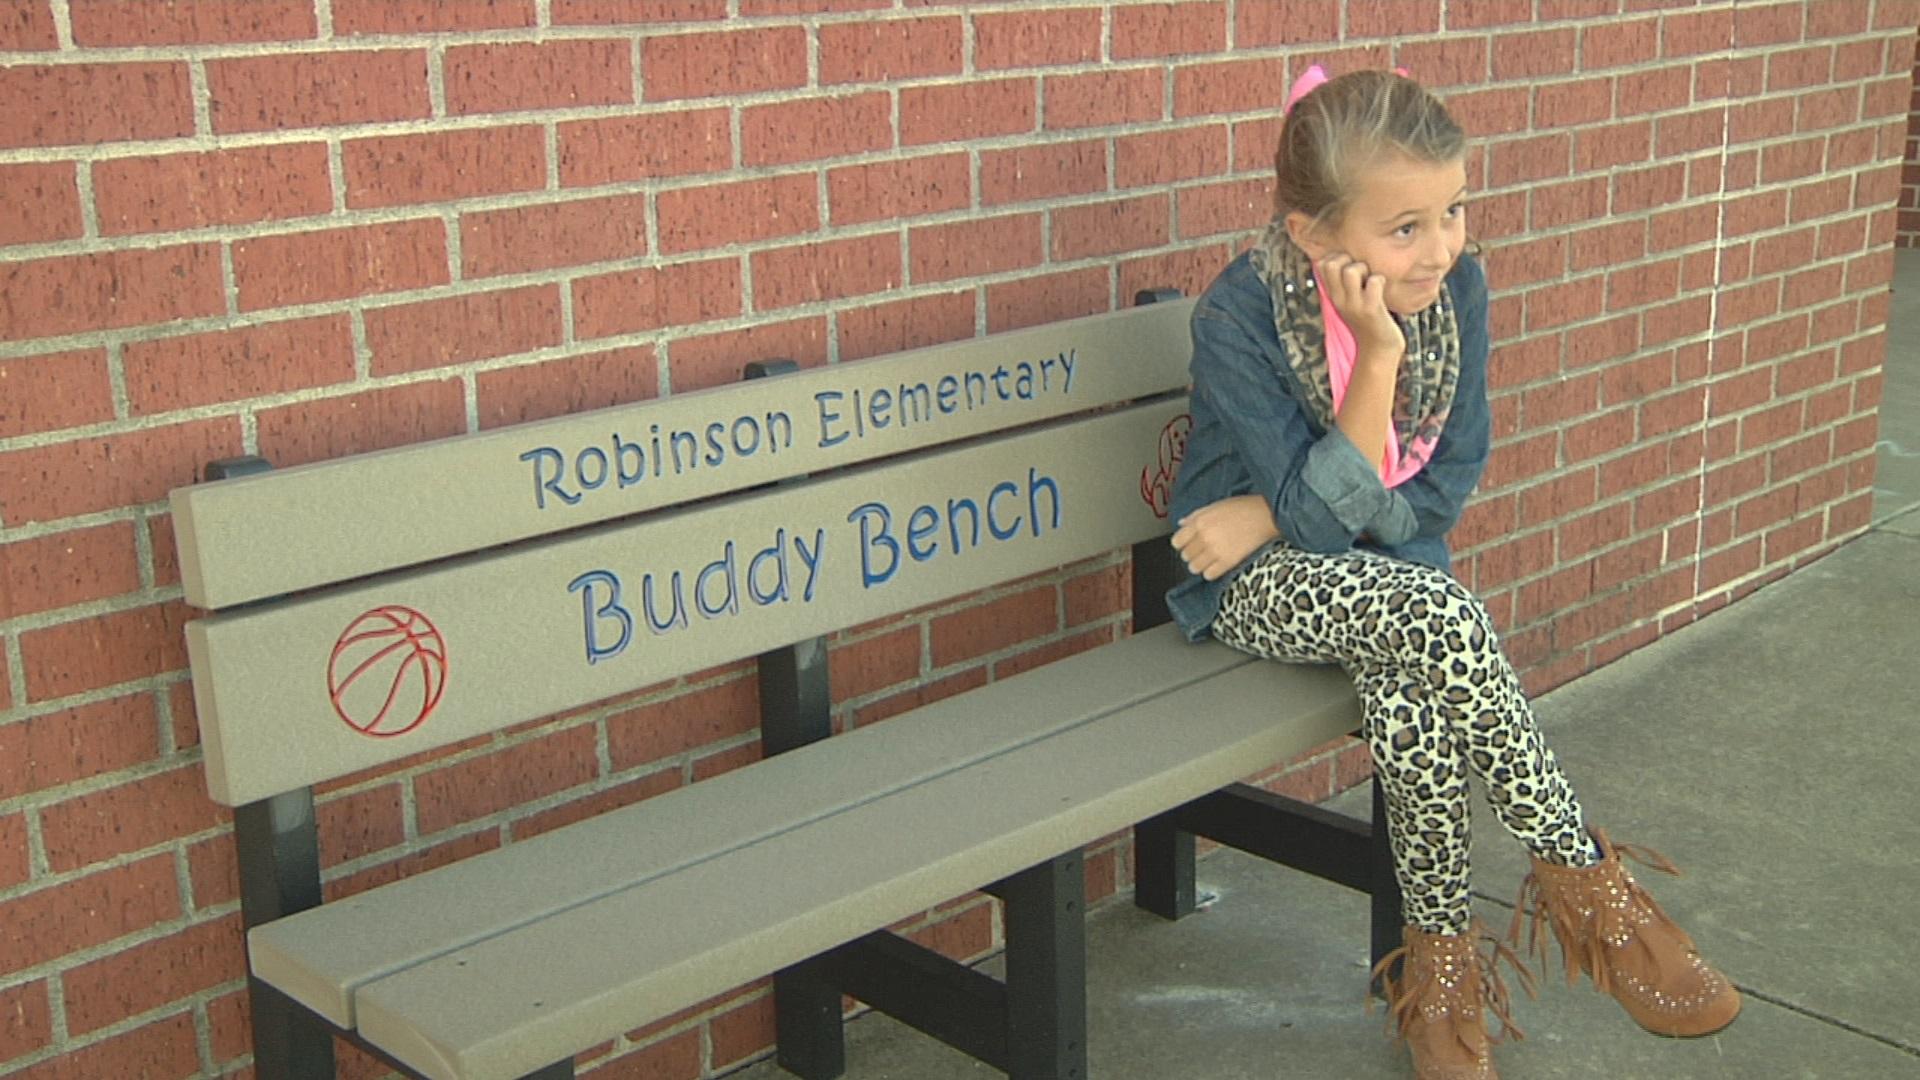 buddy bench_1475091808980.jpg